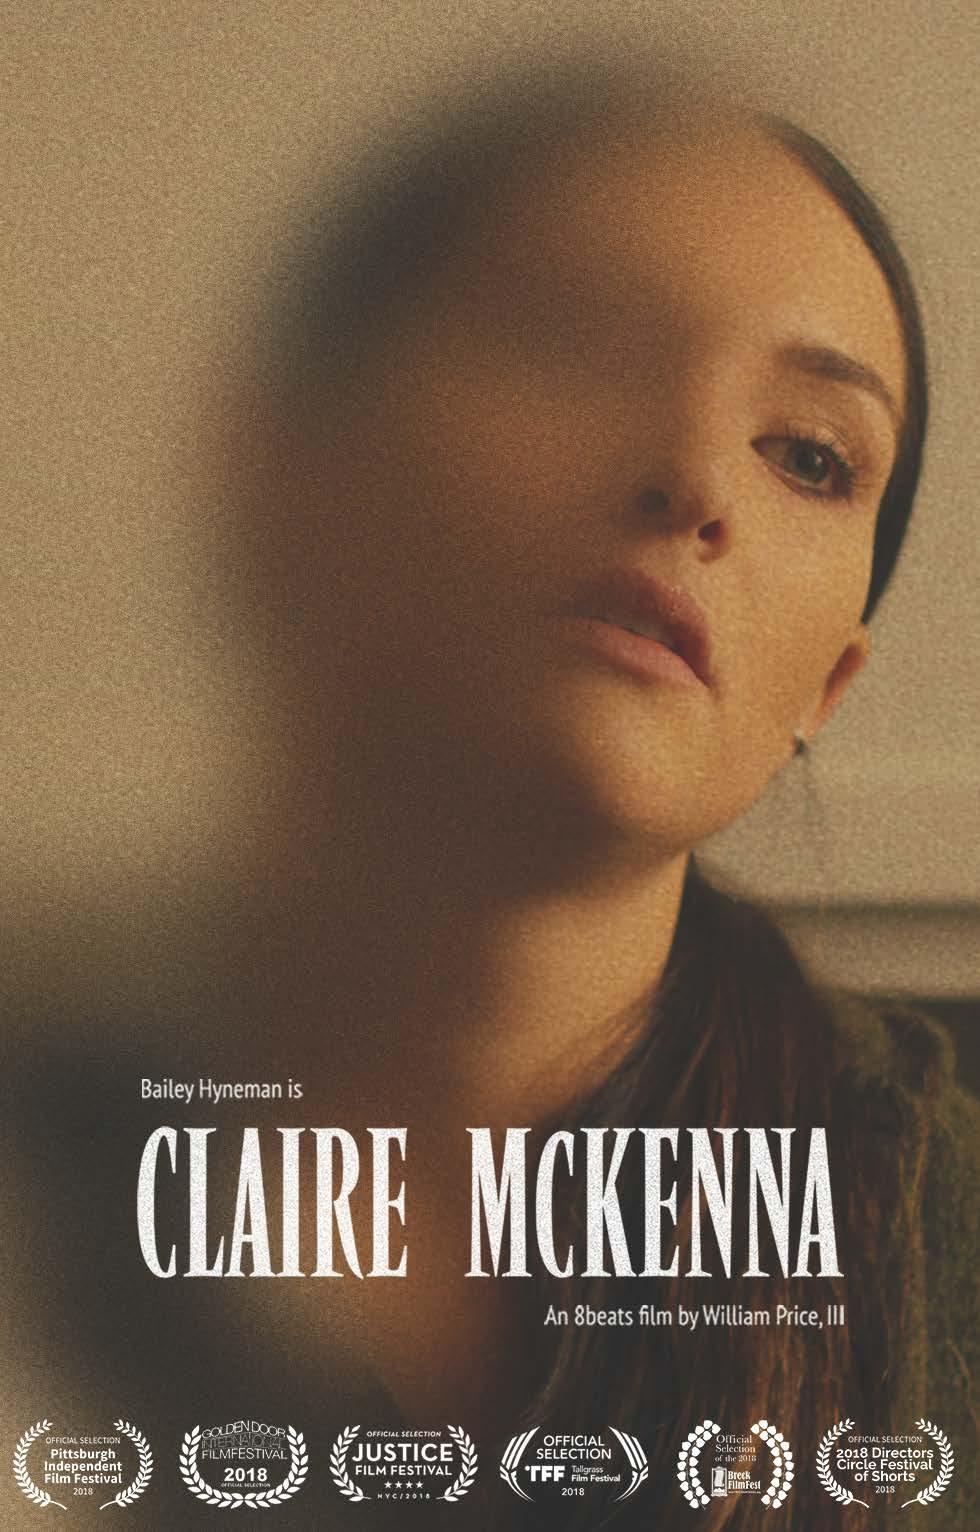 ClaireMcKenna_Poster_2portrait.jpg